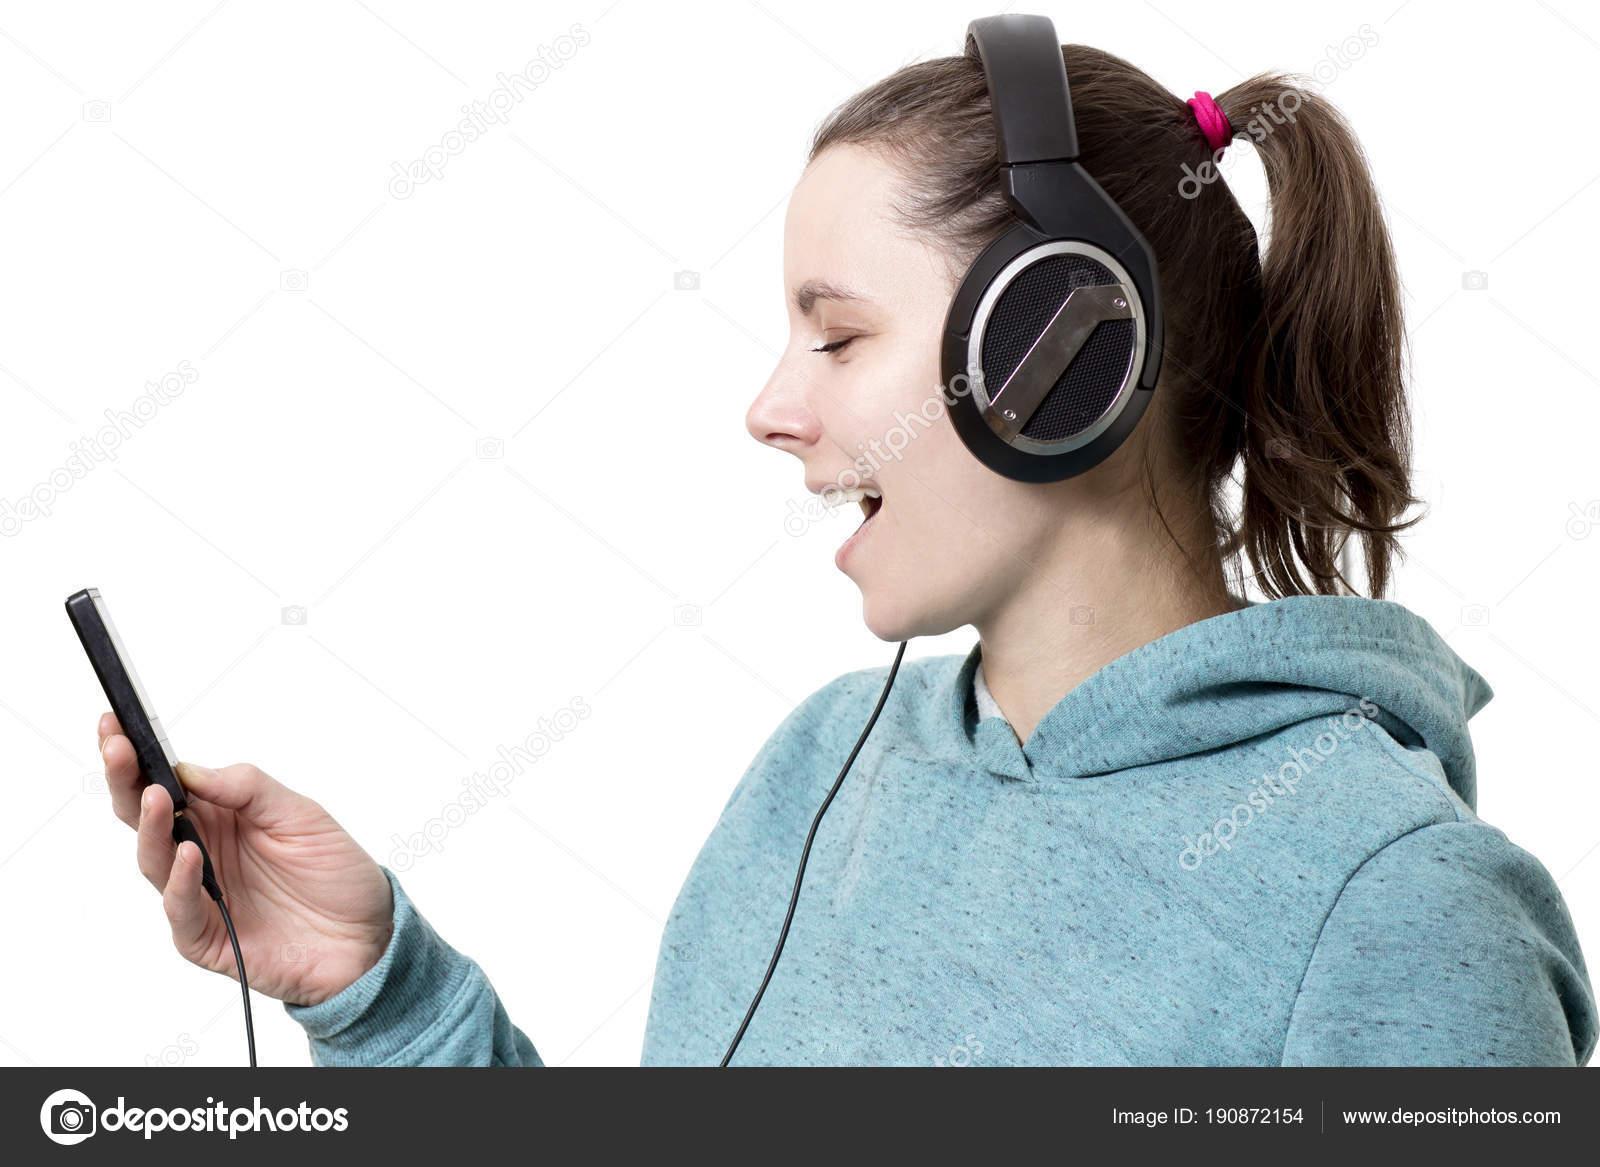 Jeune Fille Au Casque Avec Lecteur En Mains écouter De La Musique